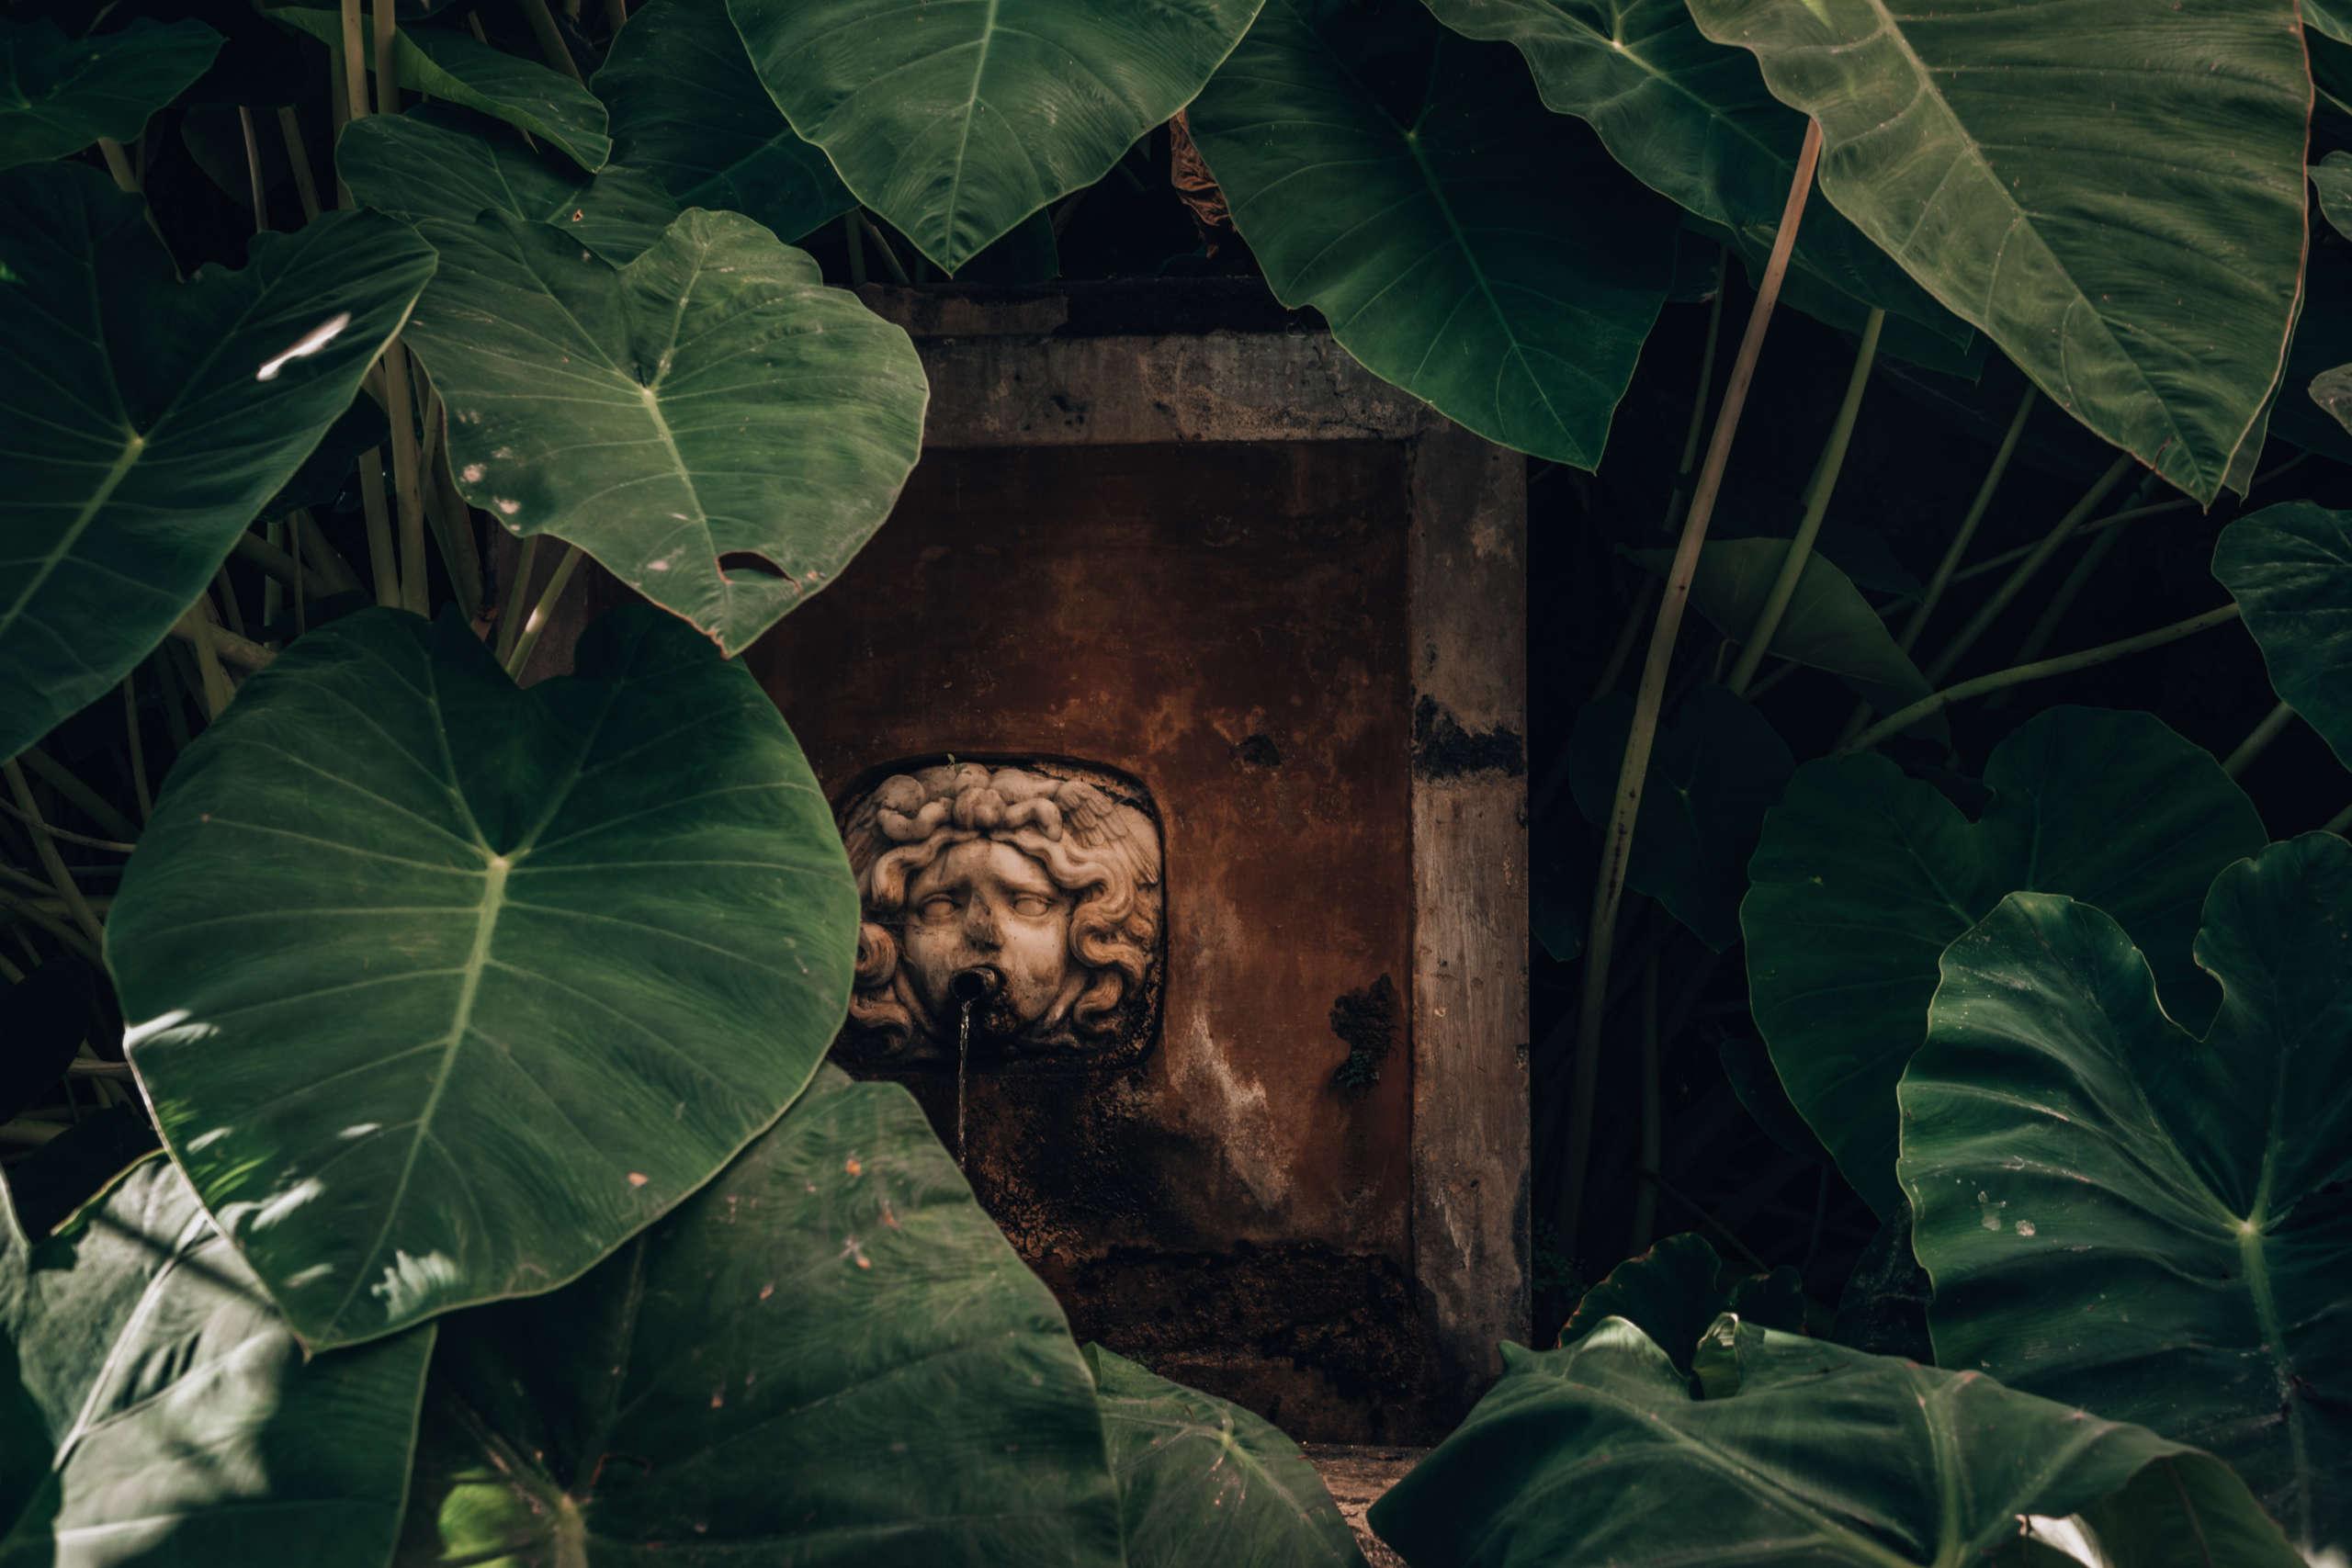 Ein Brunnen der von Blättern umgeben ist.